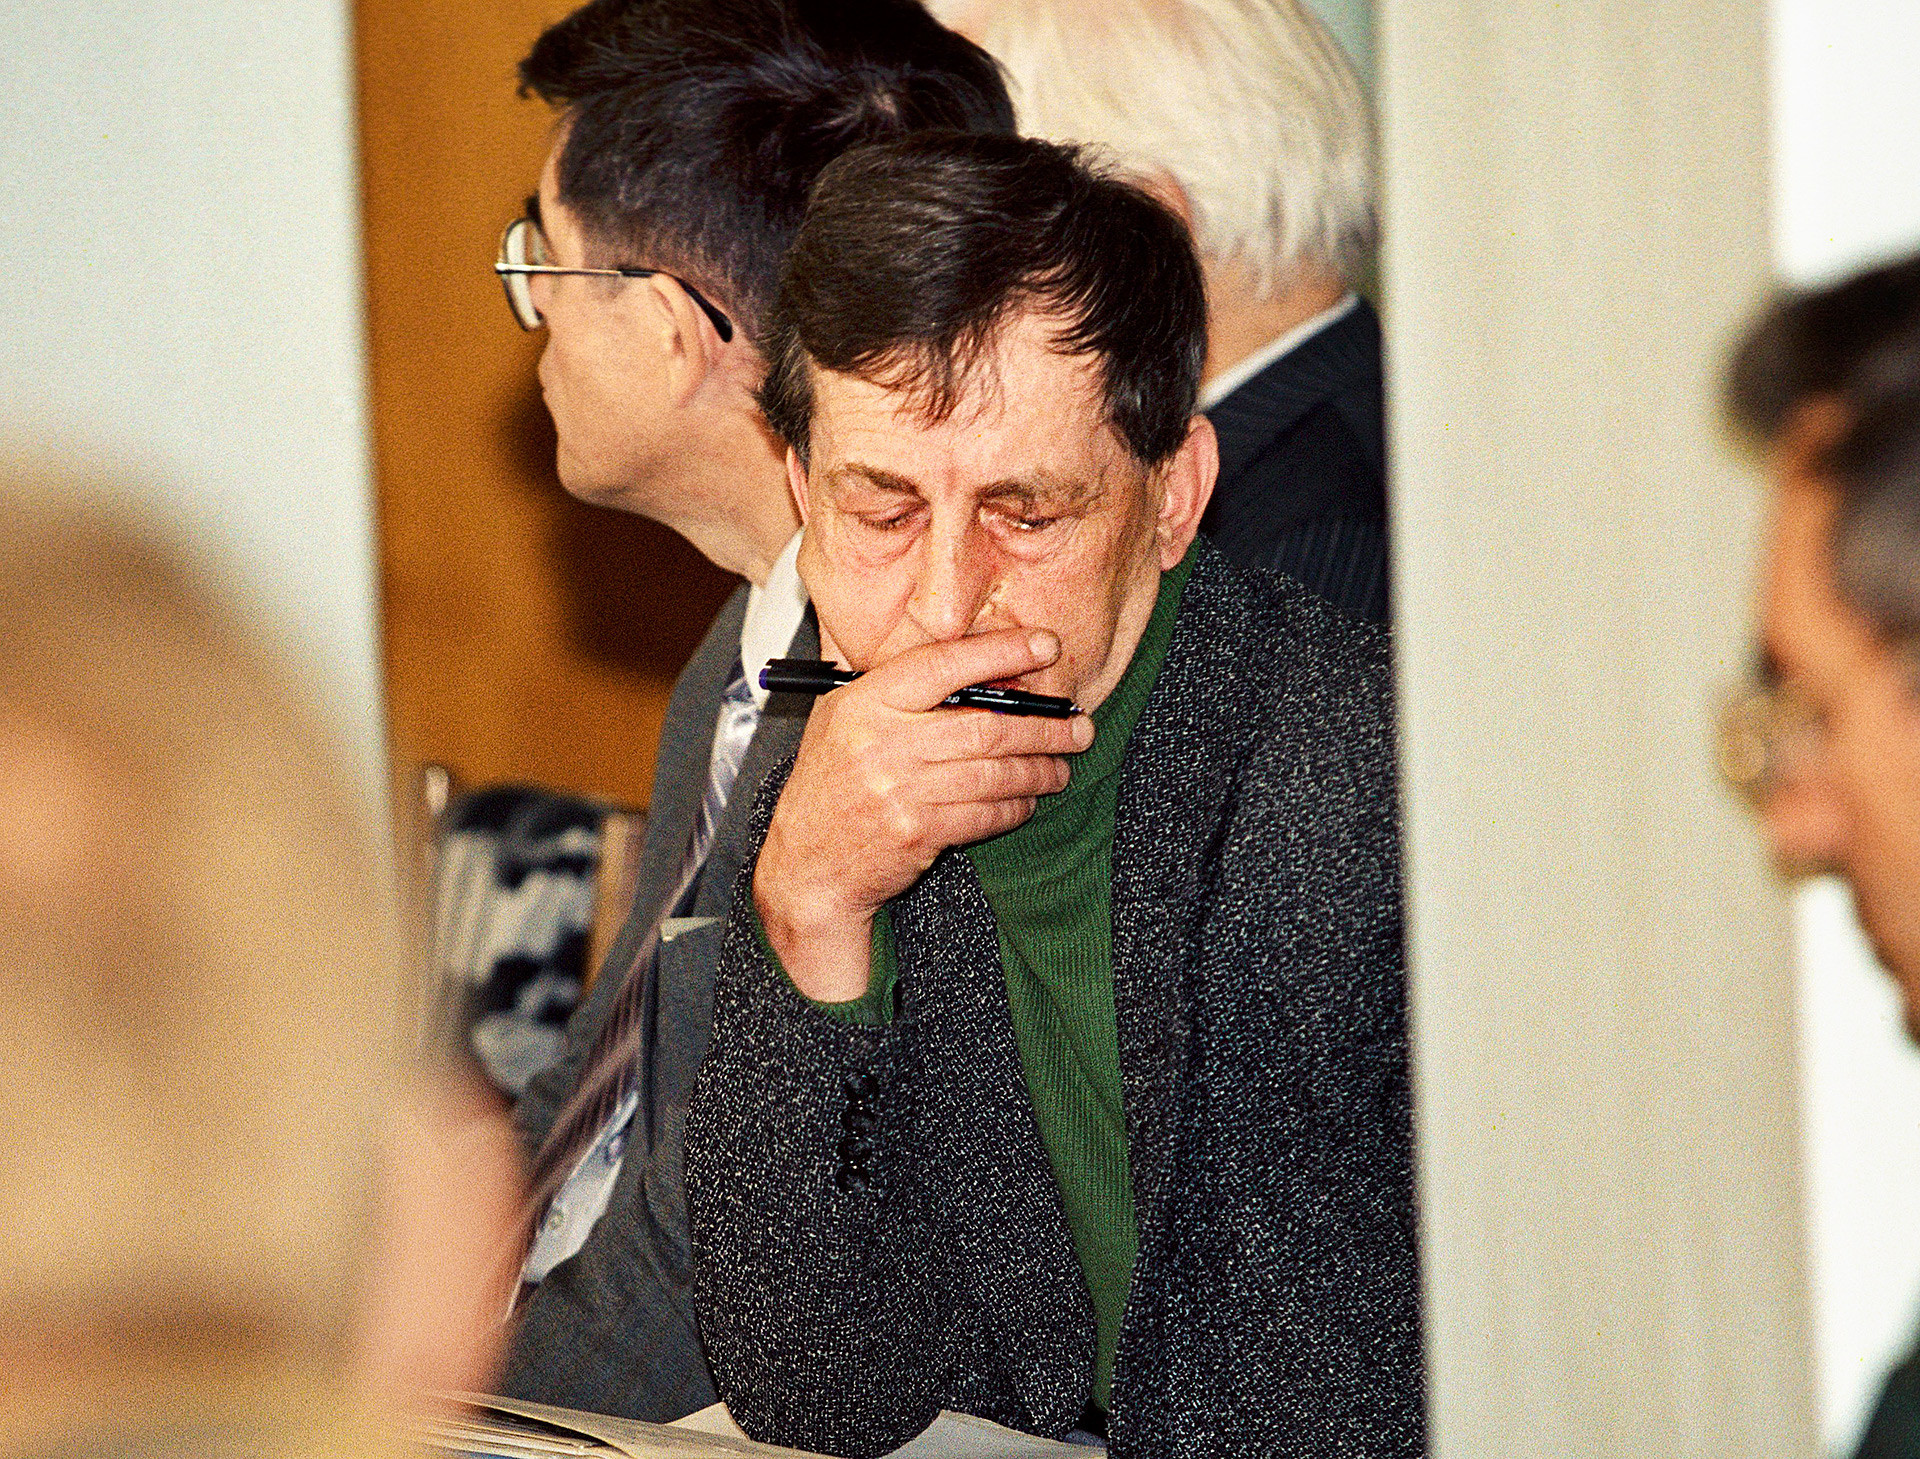 Anatóli Bugórski ainda está vivo, apesar de acidente aos 34 anos.